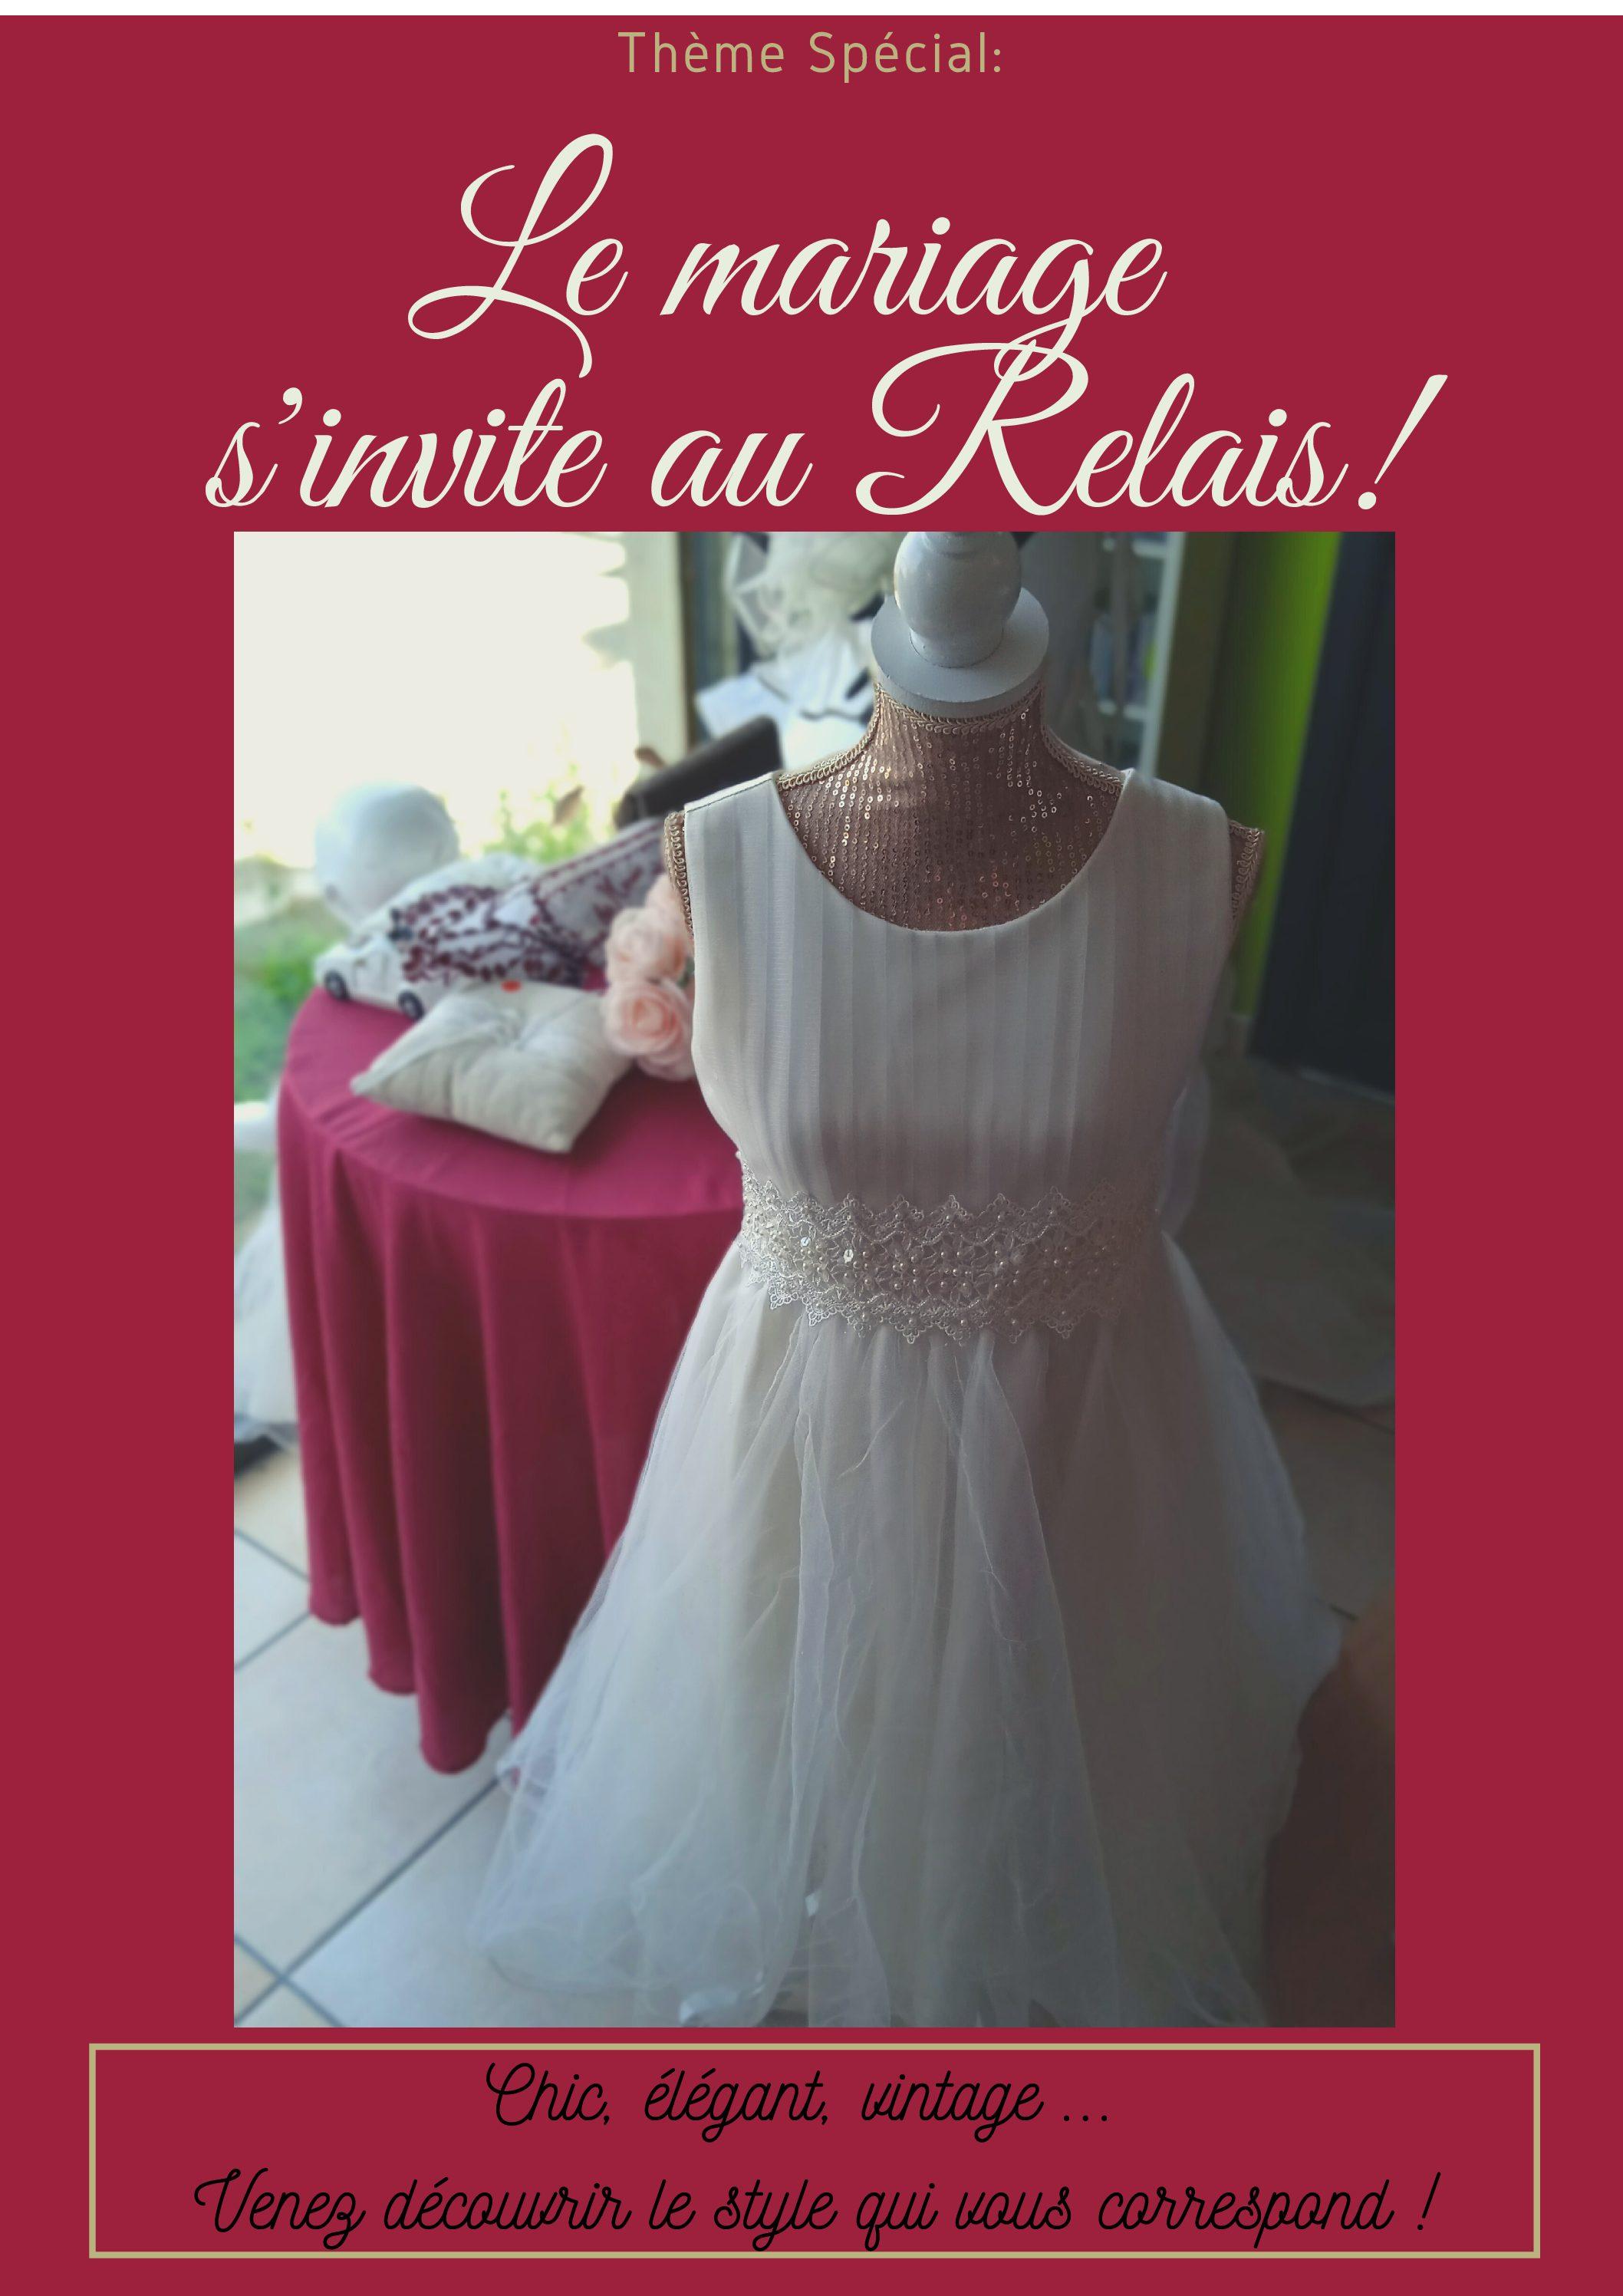 Le mariage s'invite au Relais